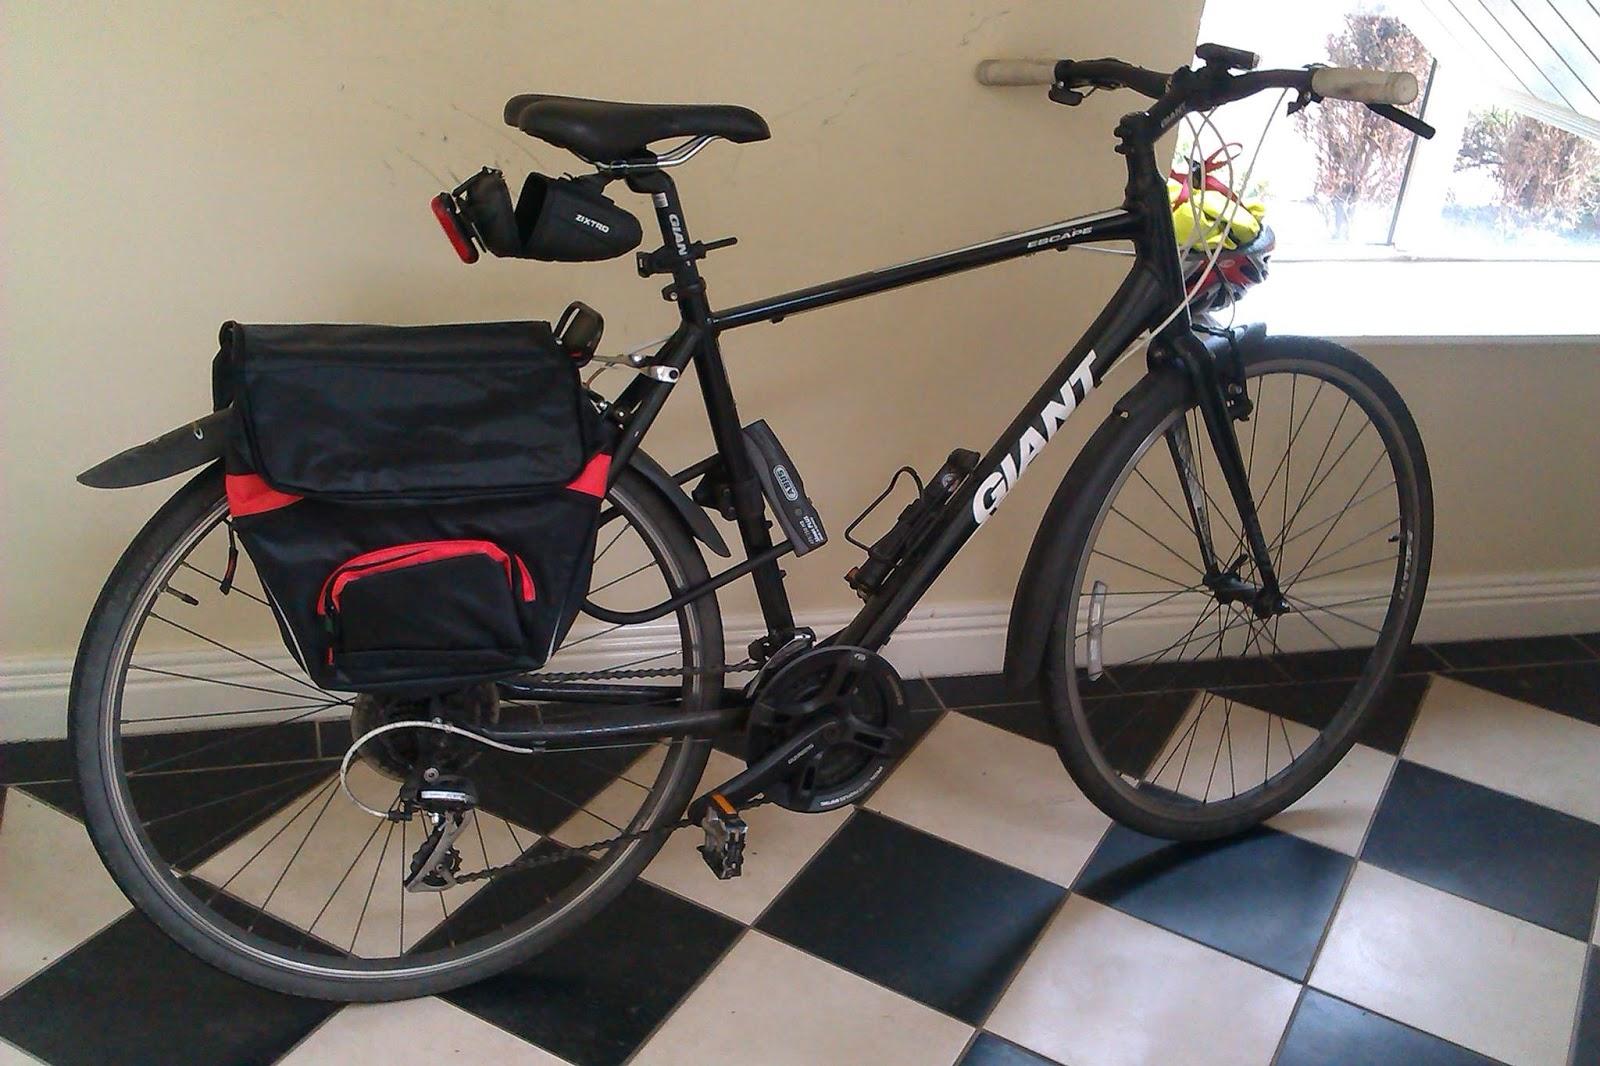 41dcbdfe482 Ireland's Premier Online Bicycle Register: Stolen - Giant Escape 3